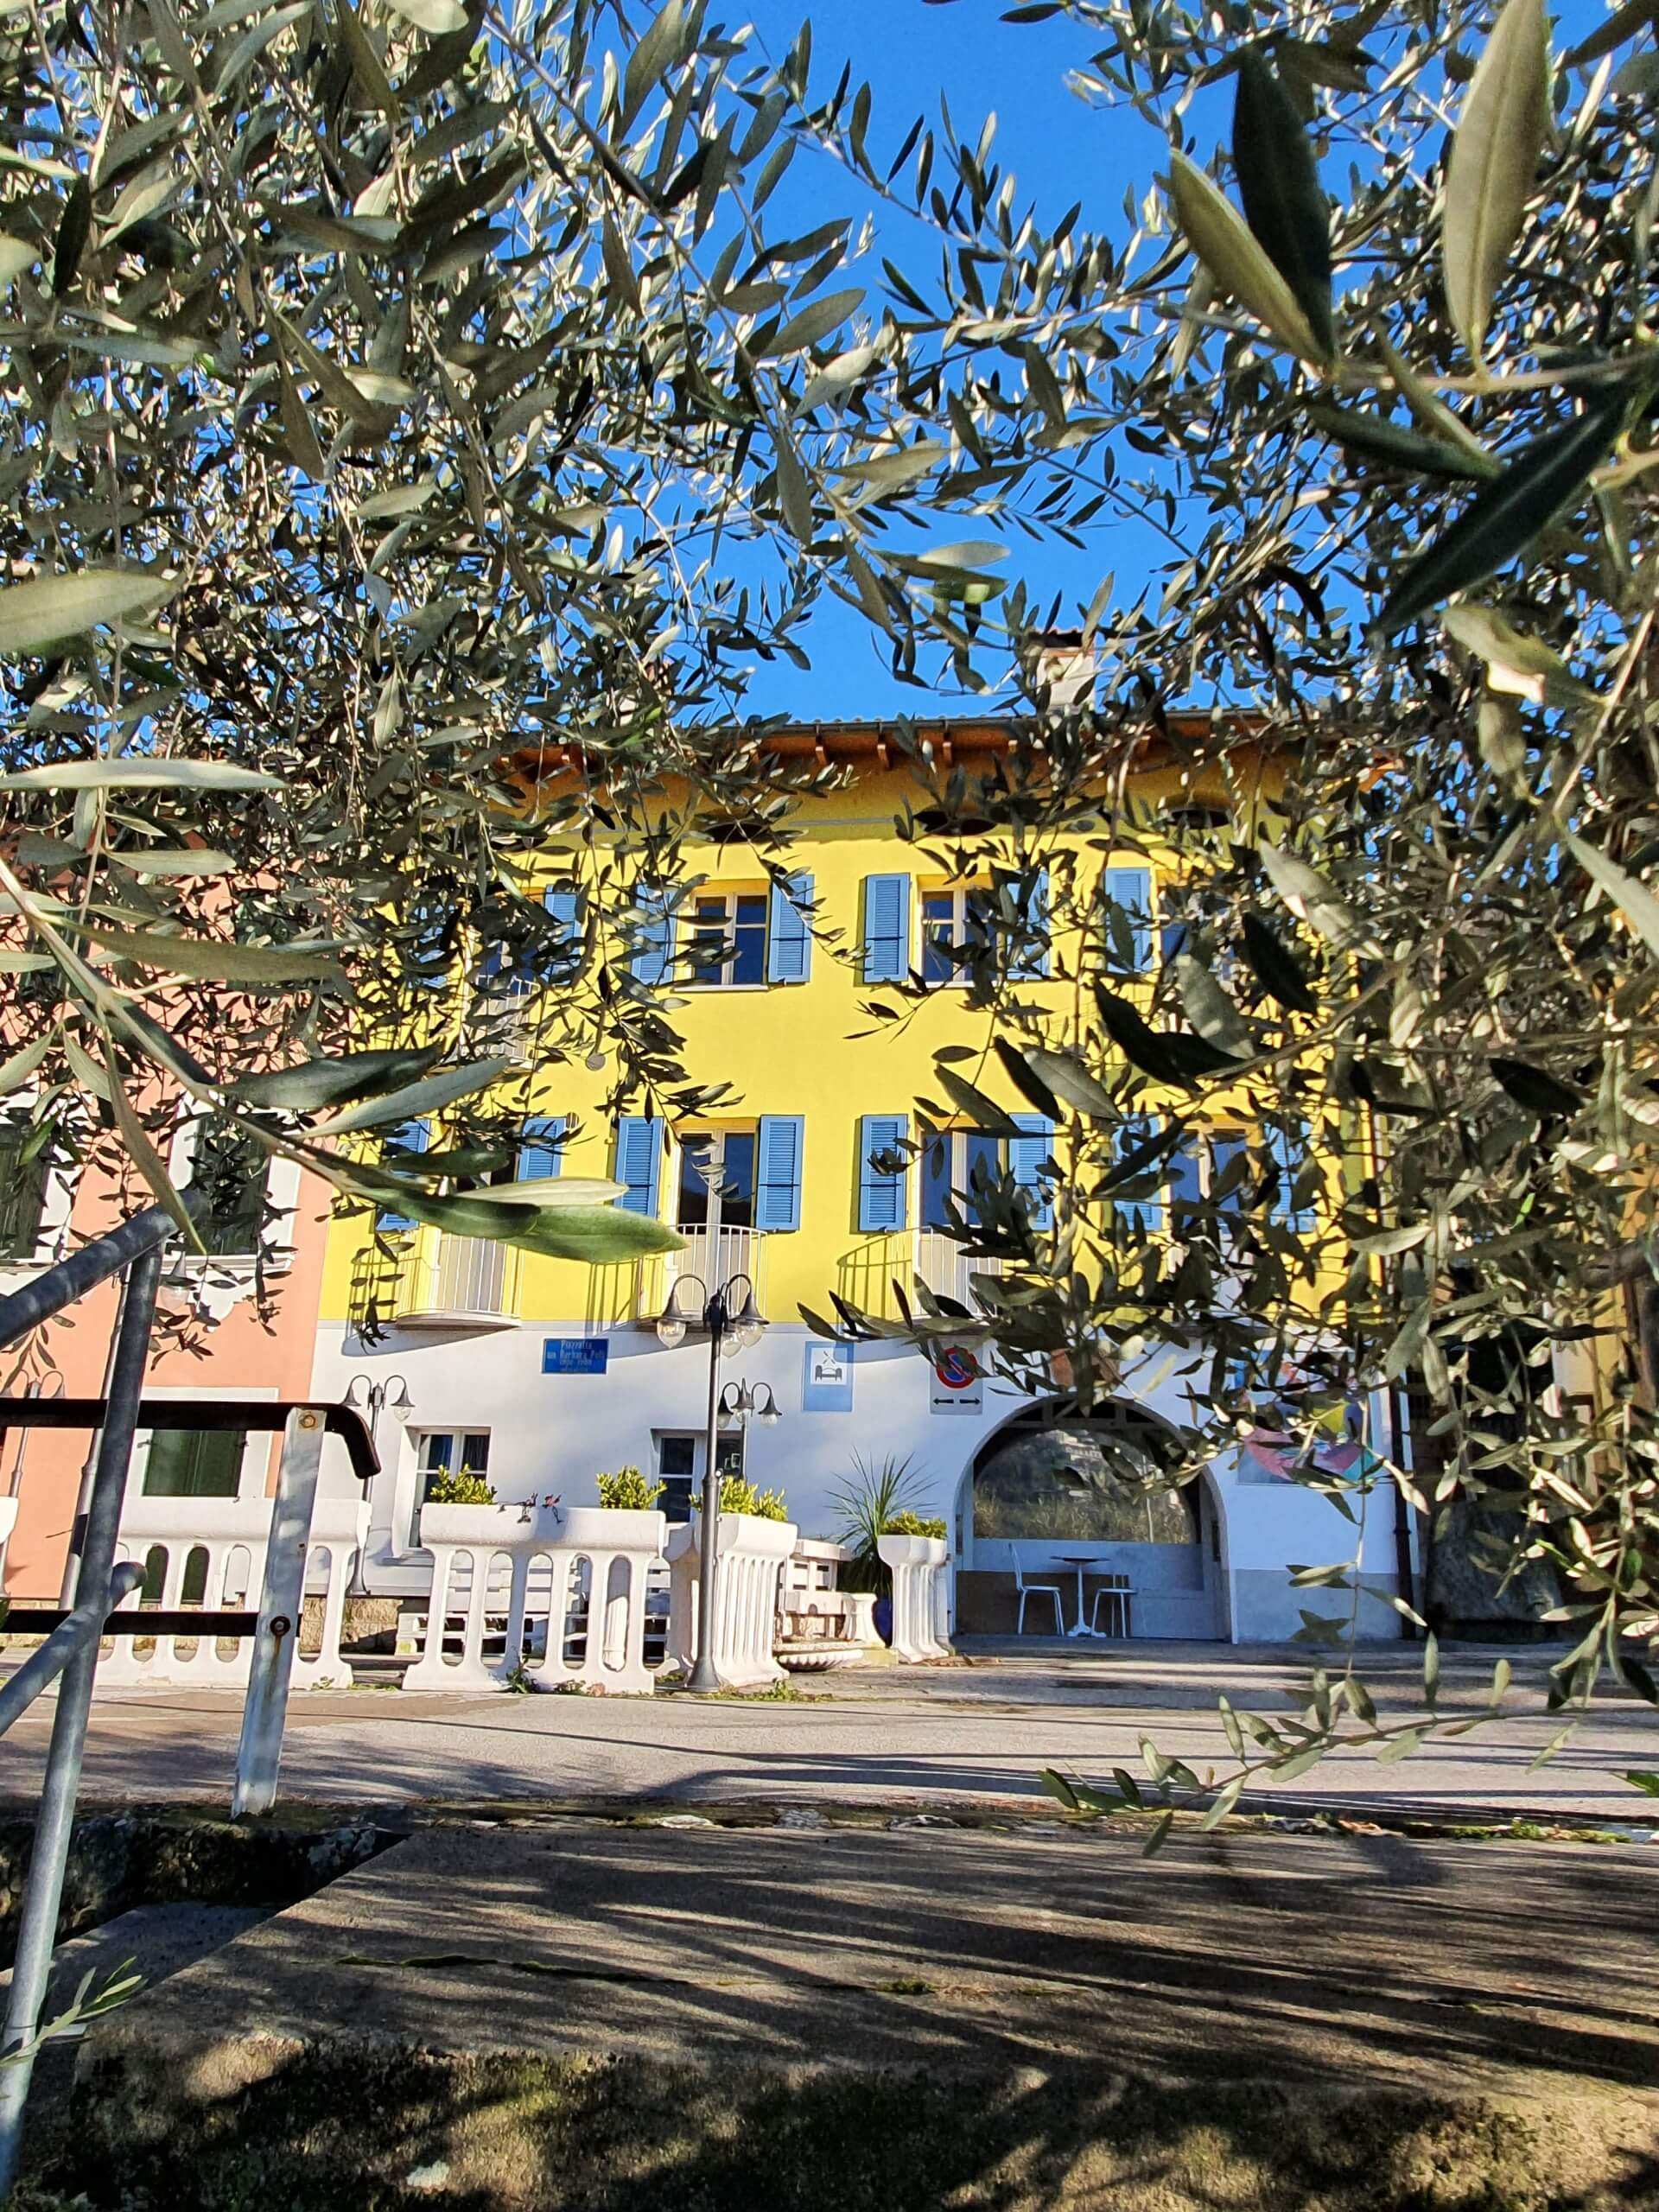 Dolceresio Lugano Lake B&B, Brusino Arsizio - Home - Facciata 2